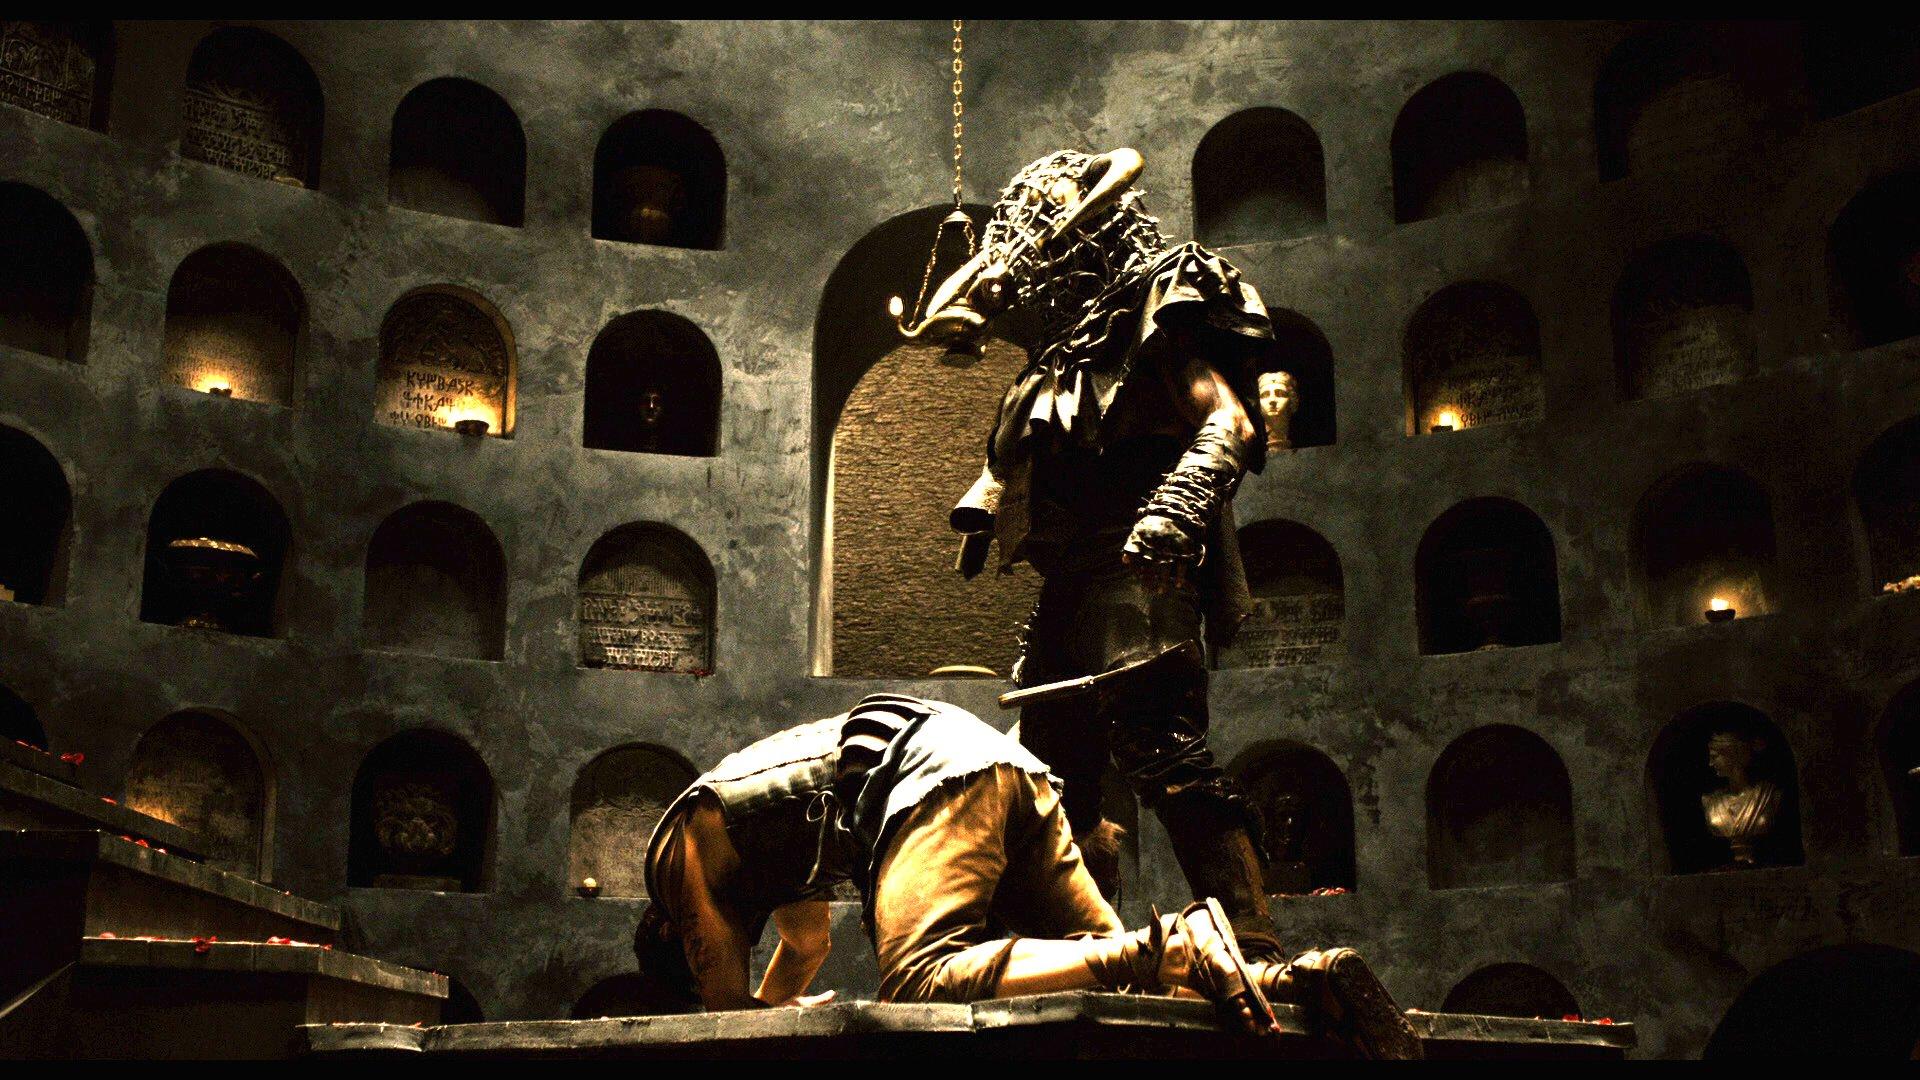 immortals fantasy action adventure movie film warrior